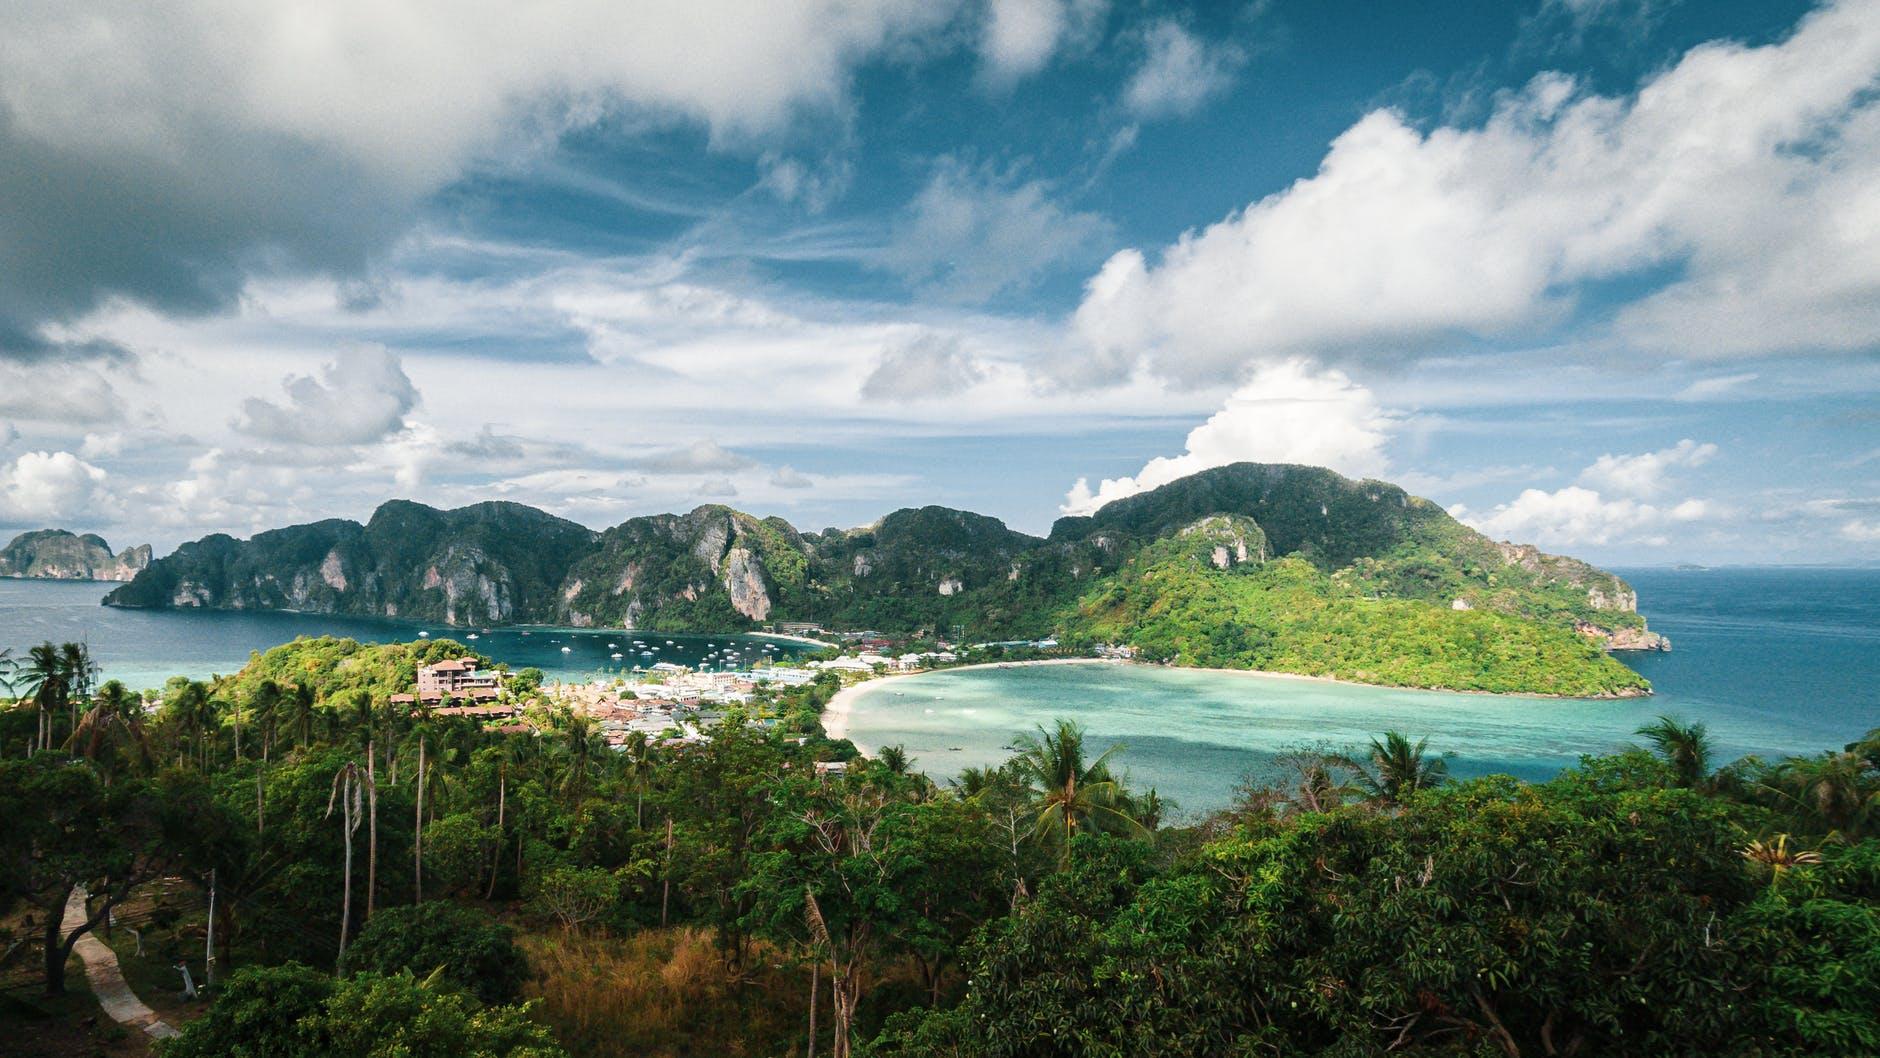 sea landscape nature sky